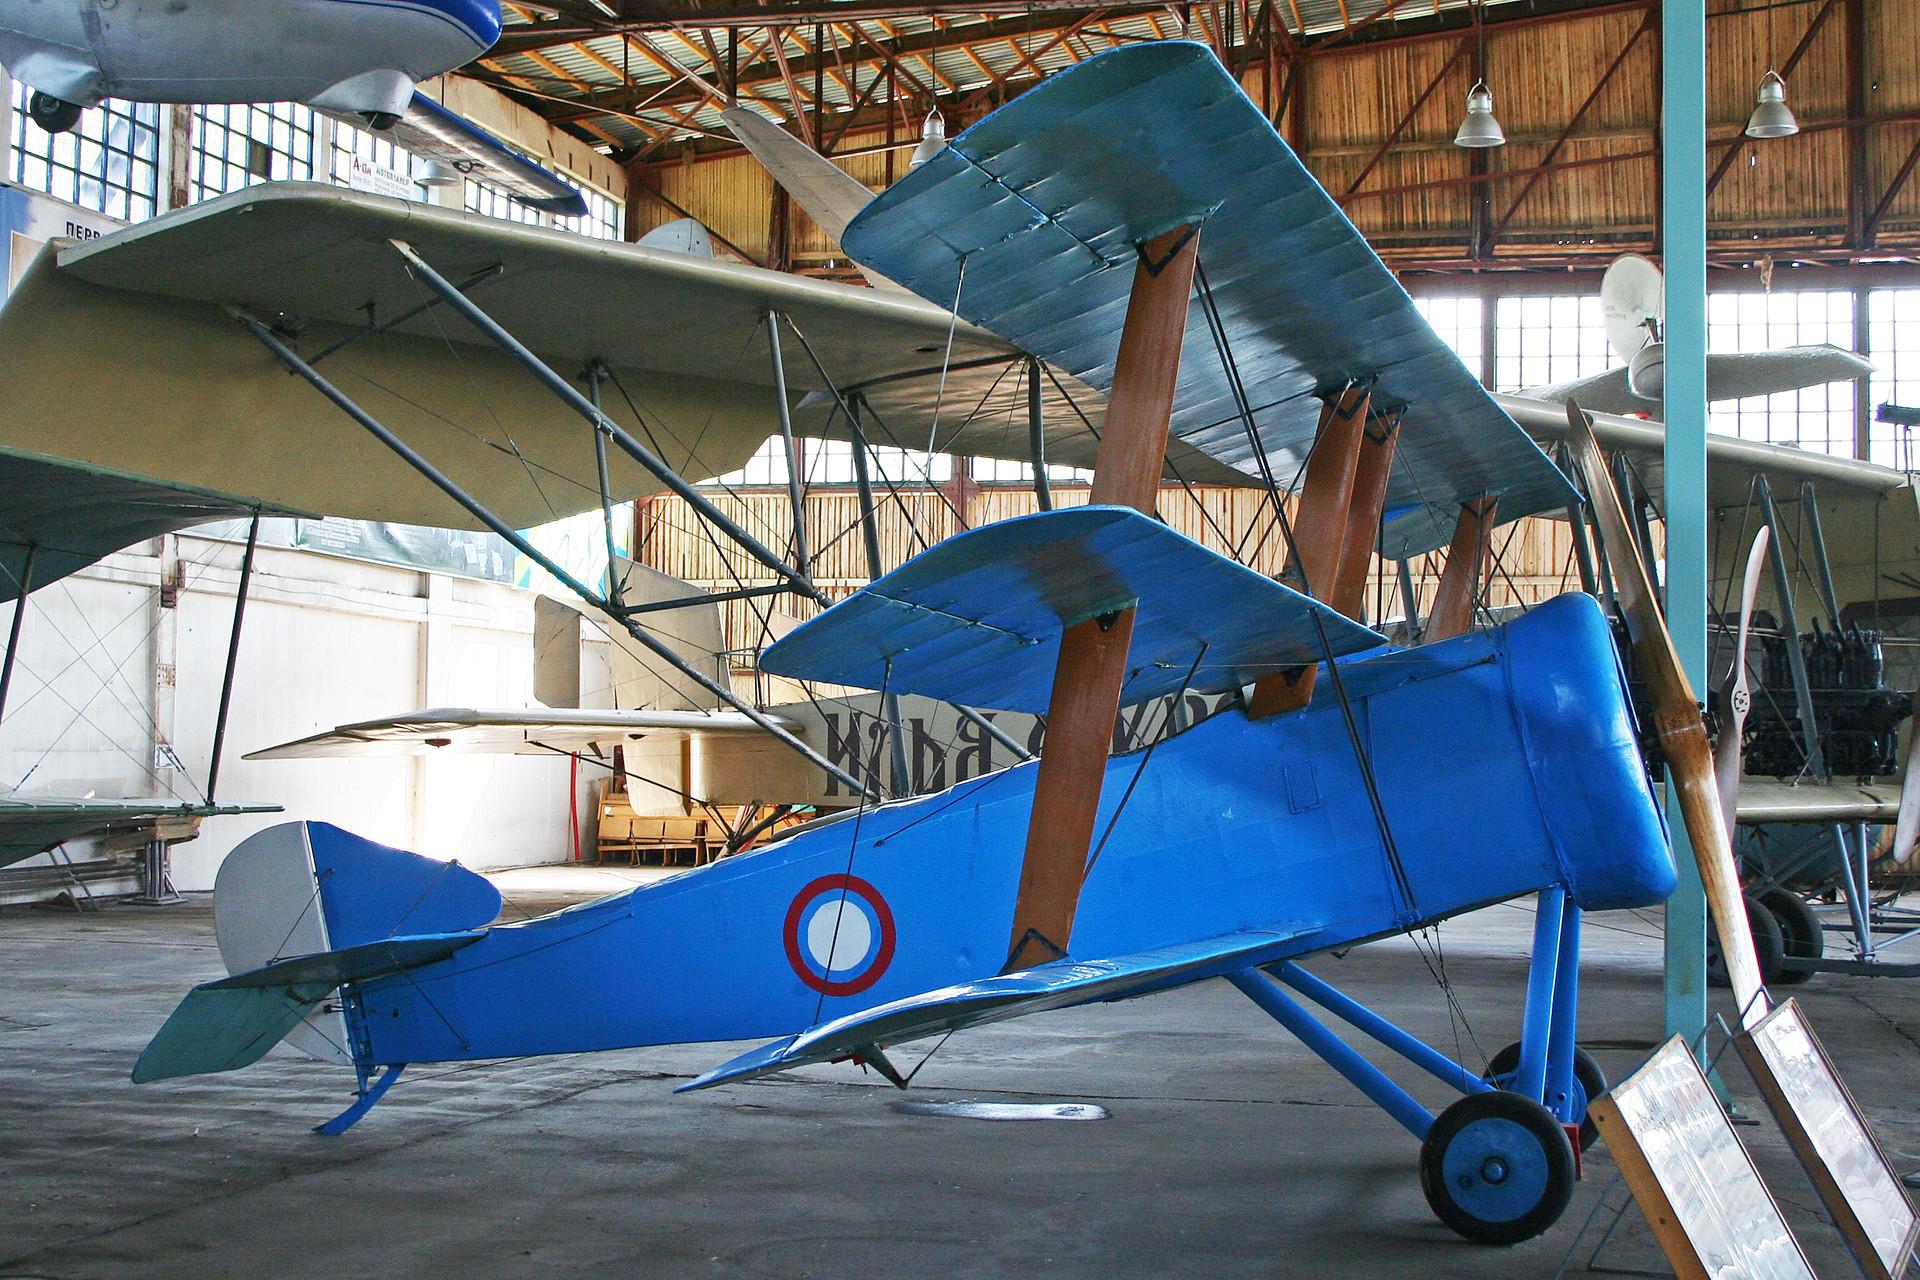 El Sopwith Triplane de Mónino, en un inexplicable esquema de pintura en azul, antes de su restauración.